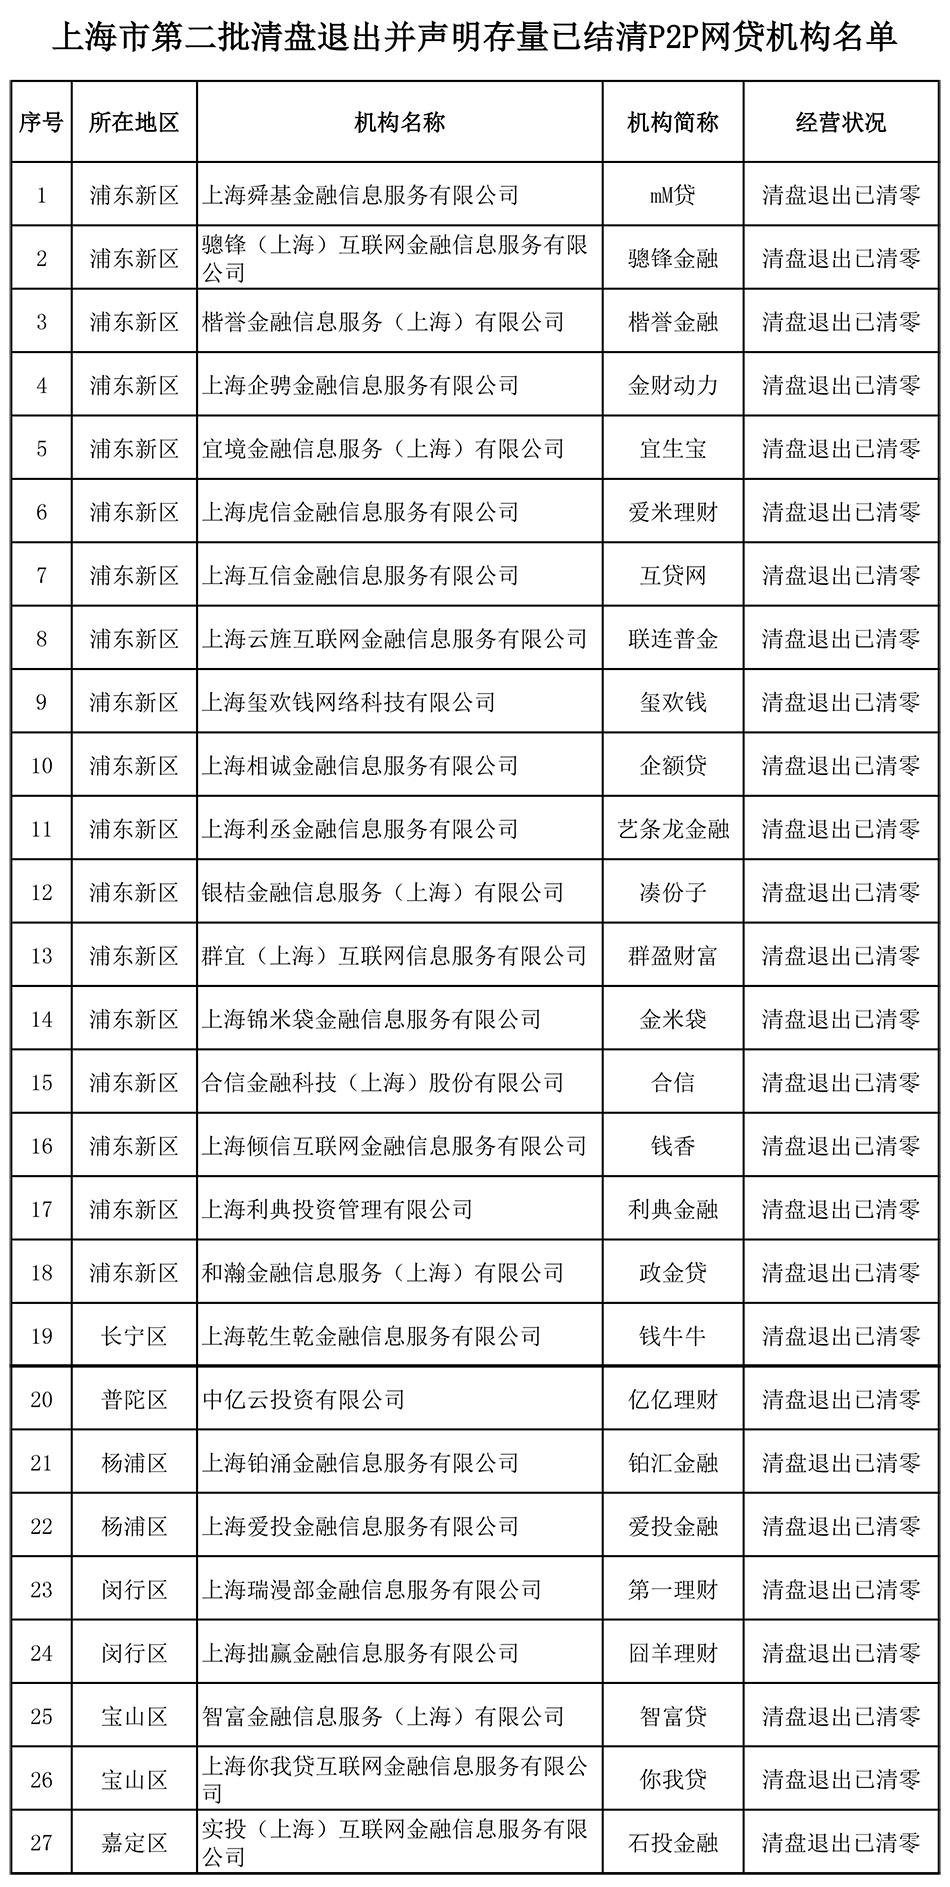 上海公示第二批27家存量结清的网贷机构 累计达173家